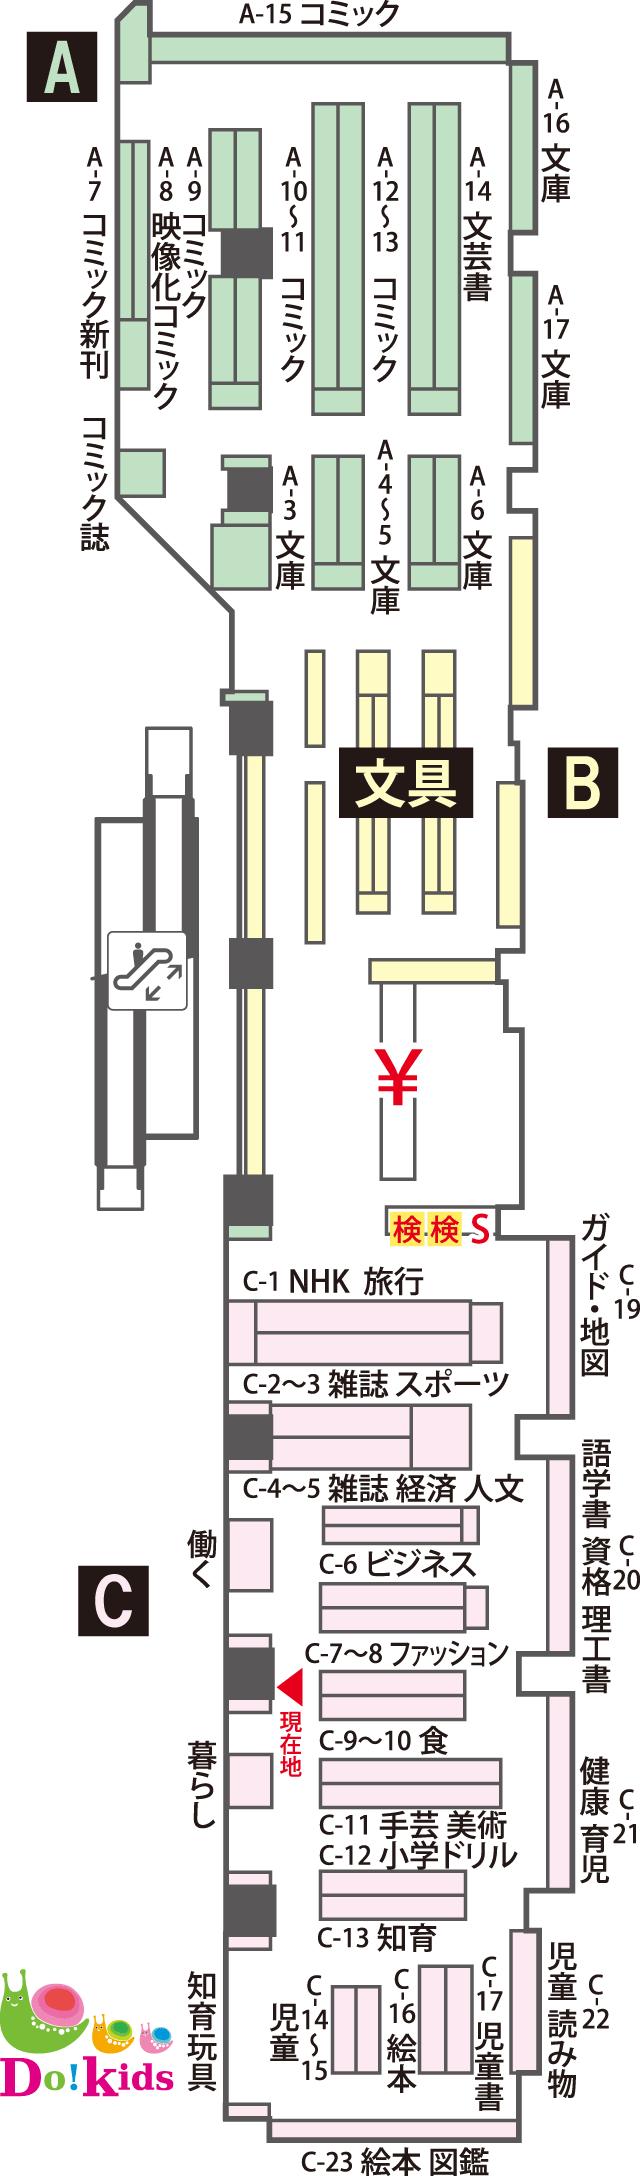 20180301floor-kinshicho